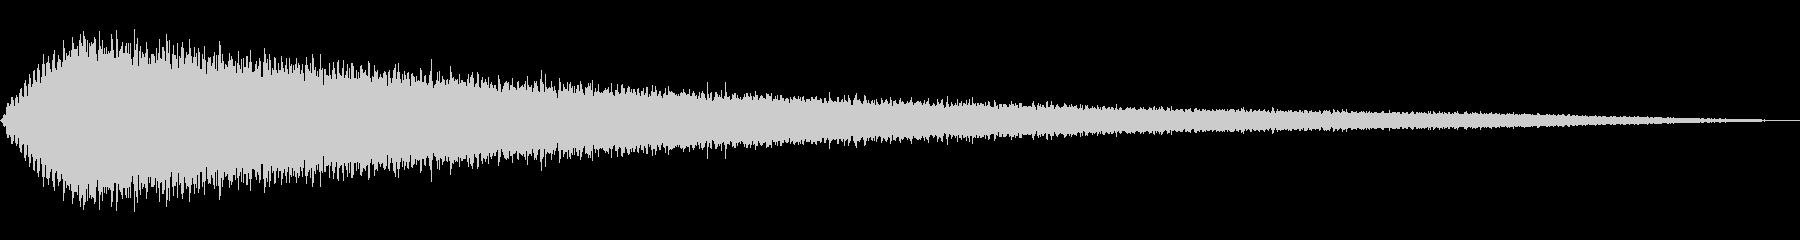 静かなマジカルフェードの未再生の波形